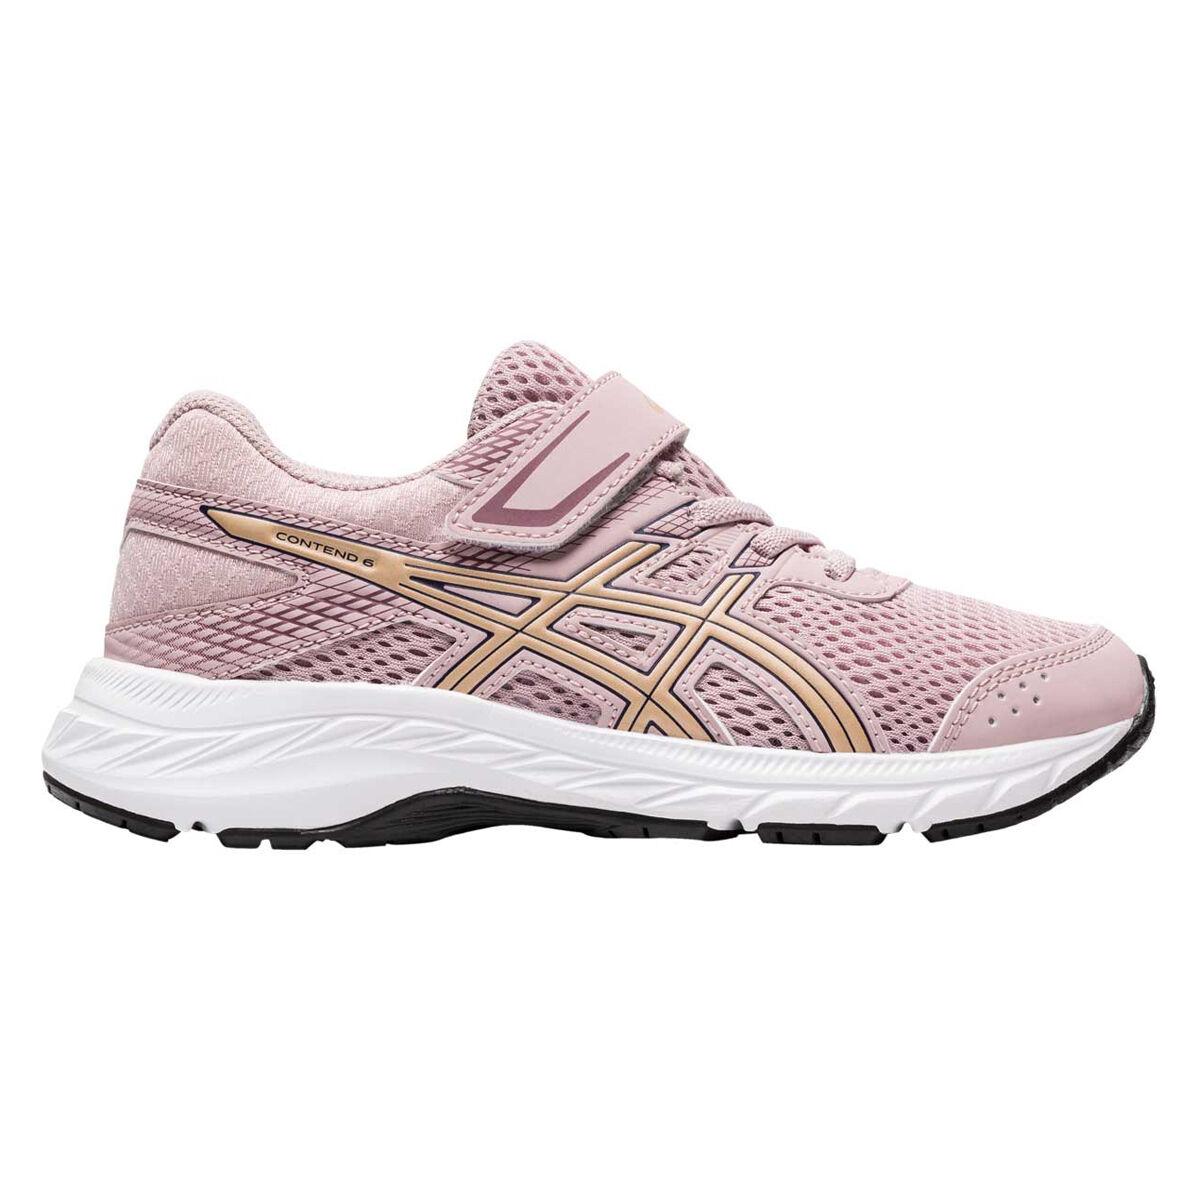 Asics GEL Contend 6 Kids Running Shoes